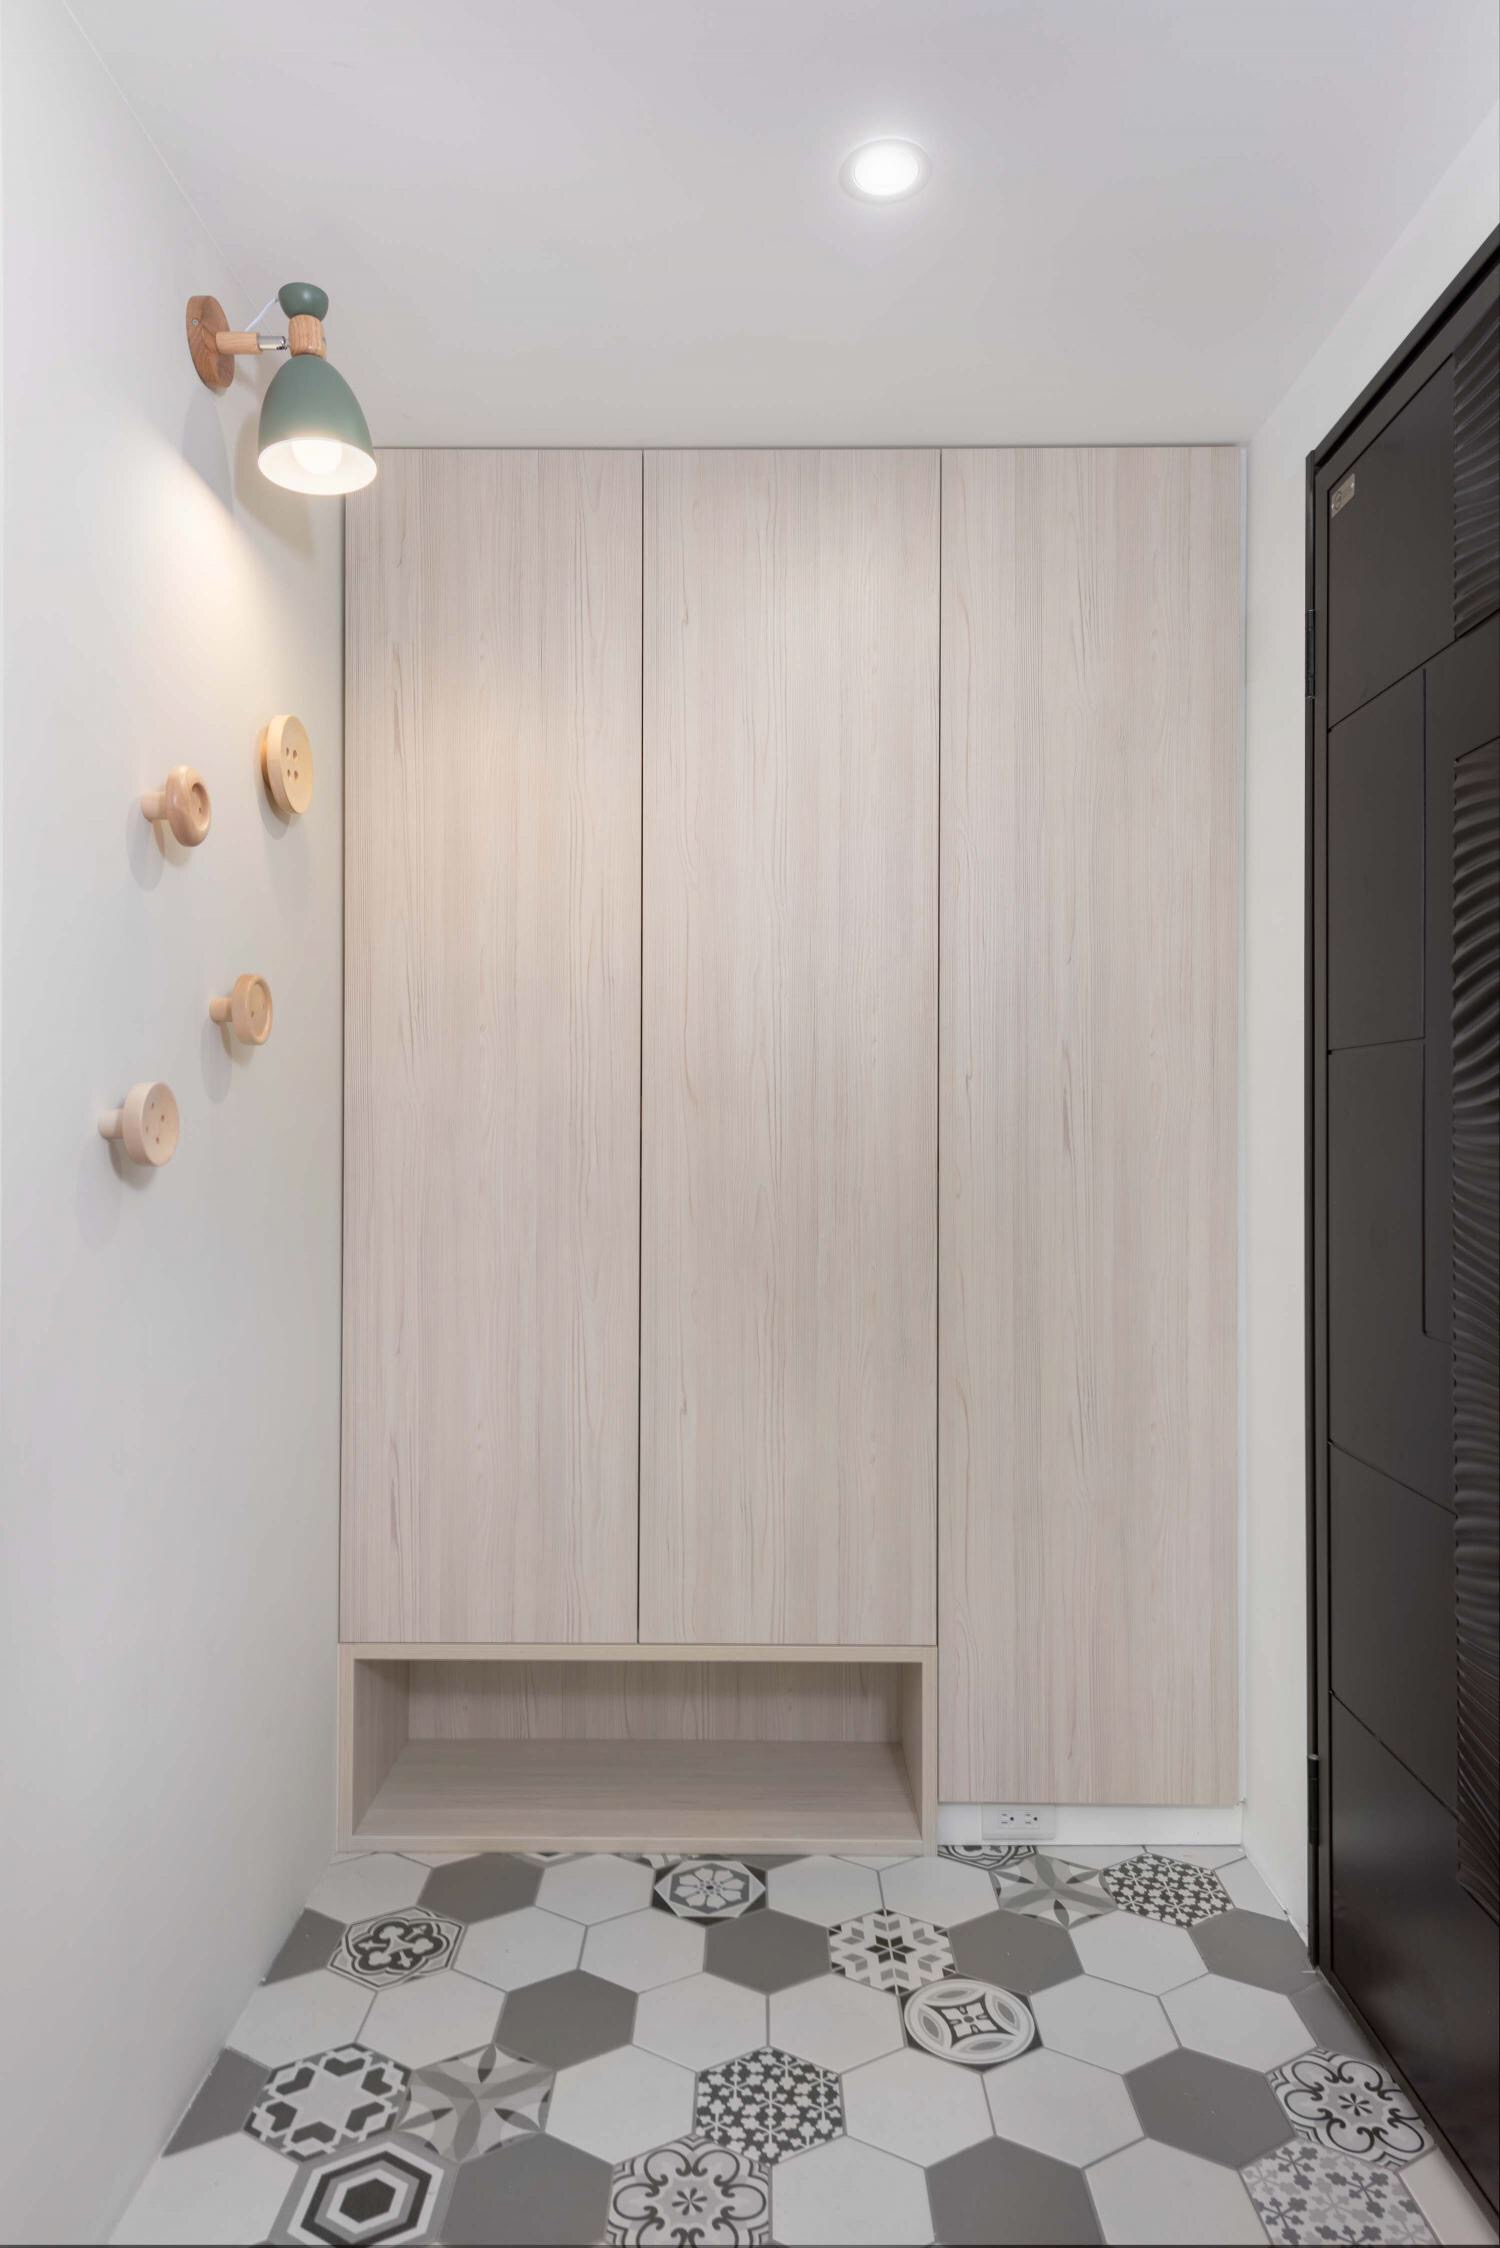 北歐風格房屋玄關柜子裝修設計效果圖賞析